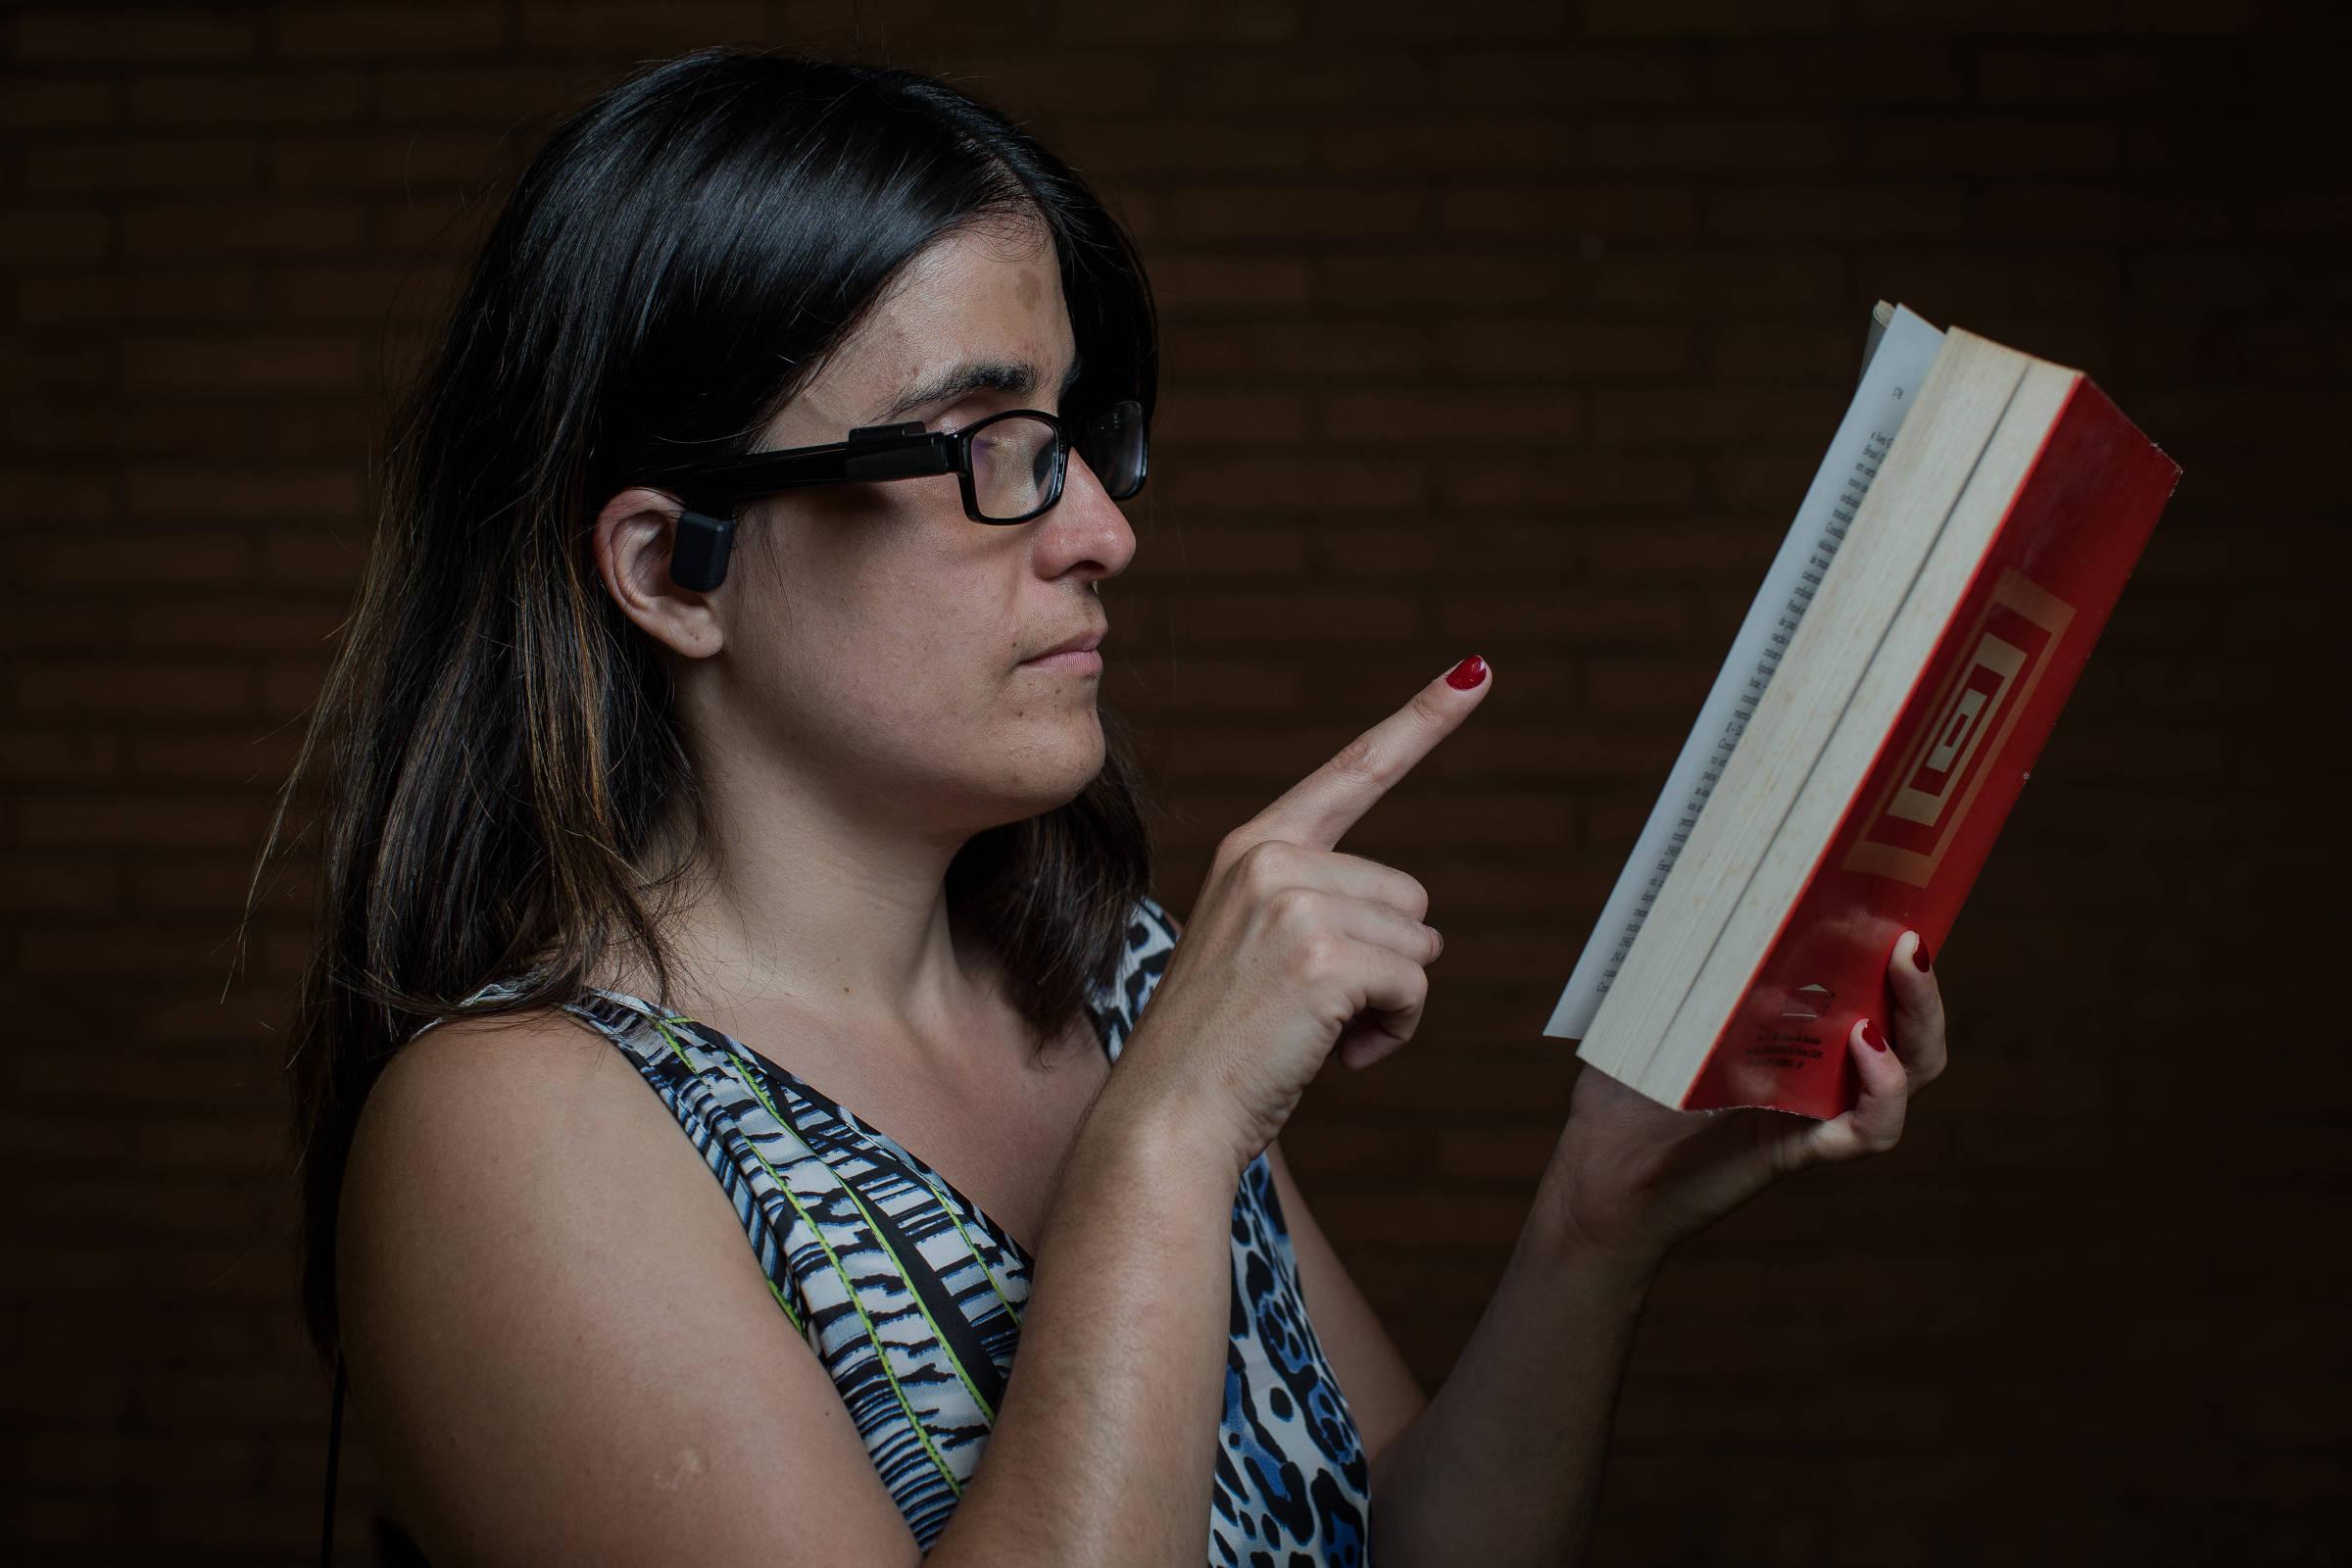 ce56af1b0 Óculos ajudam deficientes visuais a ler textos e a reconhecer pessoas -  04/03/2018 - Mercado - Folha